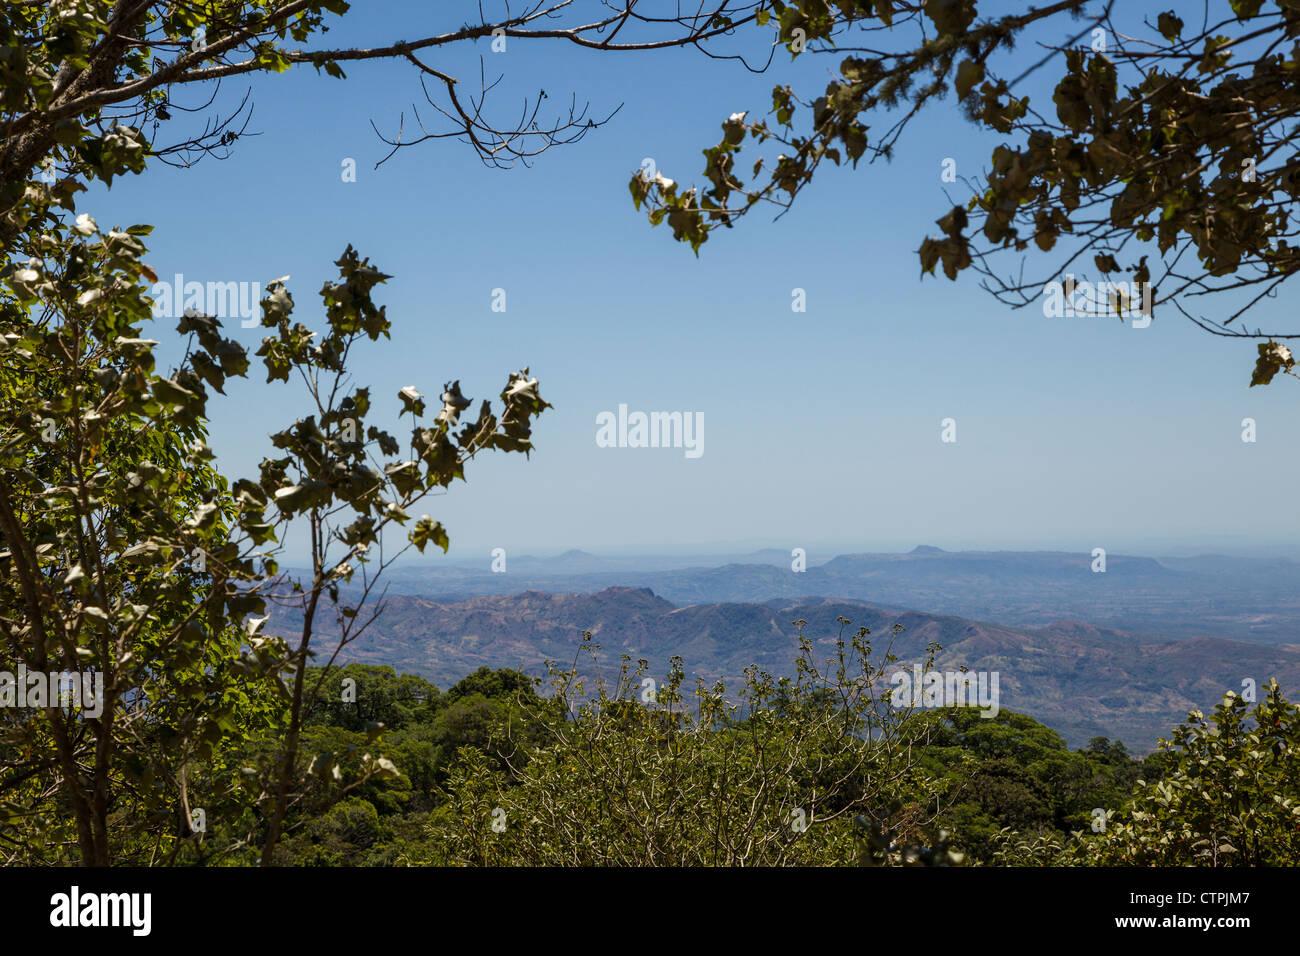 Vista Collina da Boquete, Chiriqui Provincia, Panama. Immagini Stock